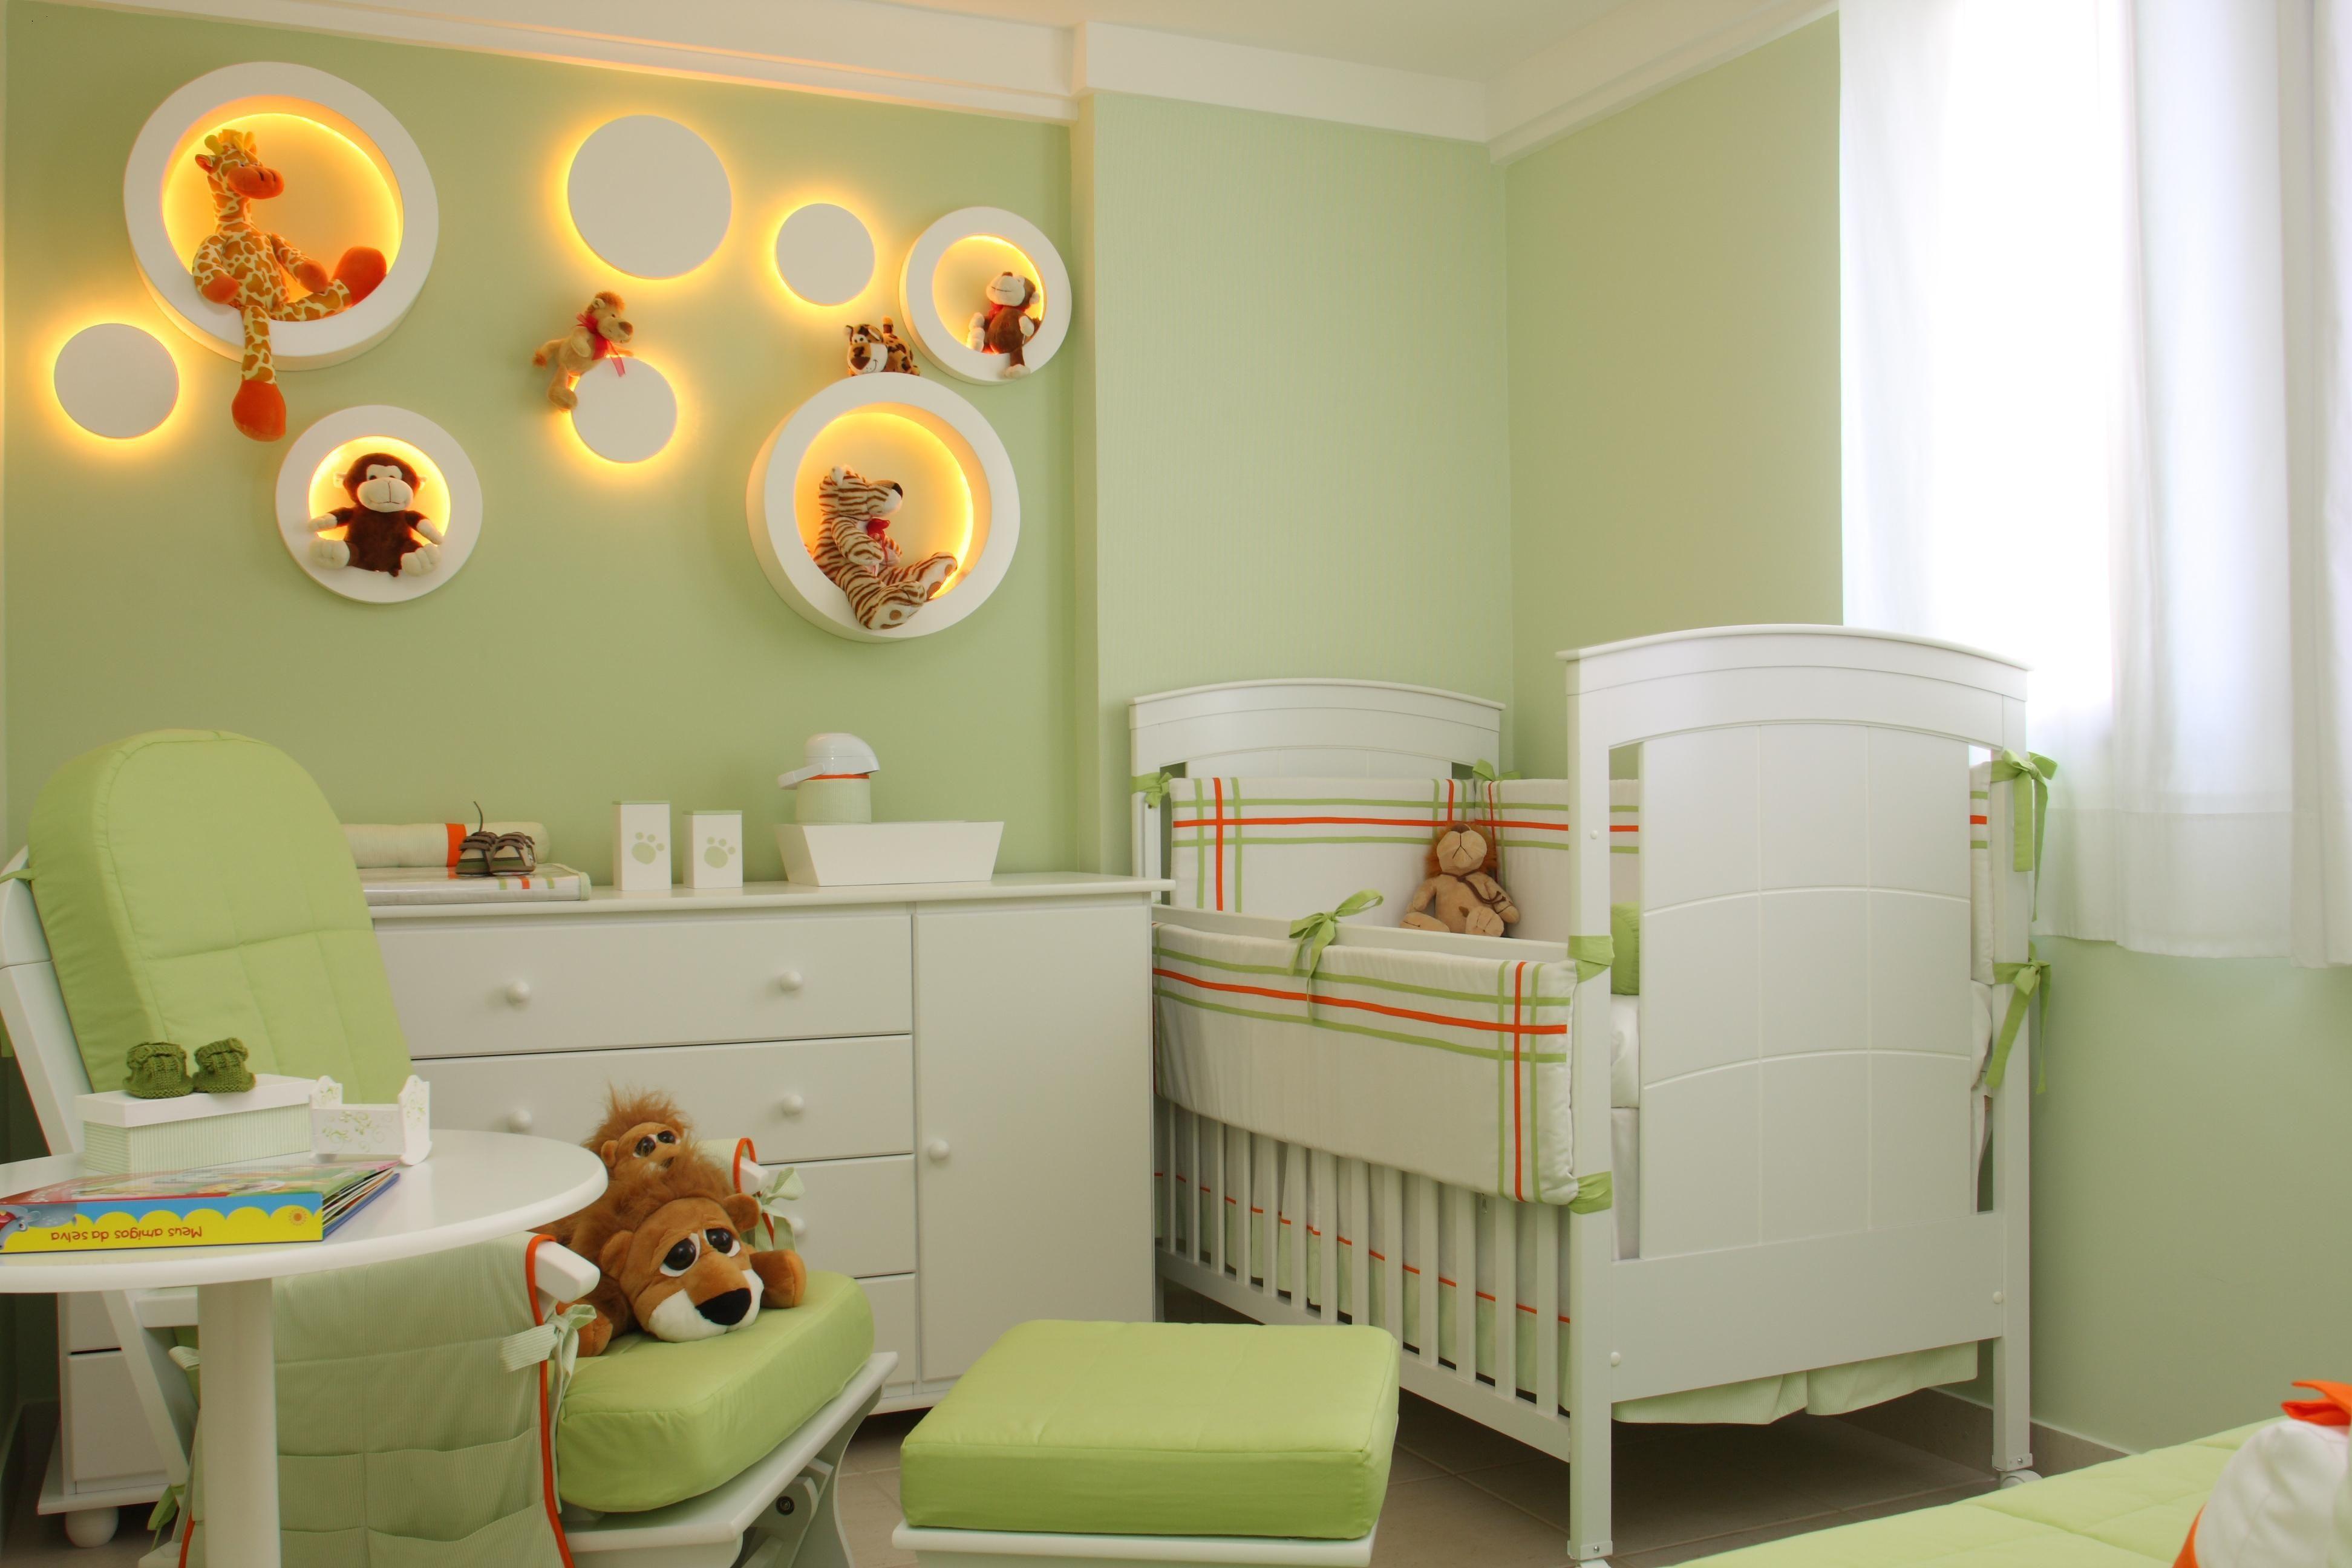 Arquitetos dão dicas de como decorar quartos pequenos de bebês